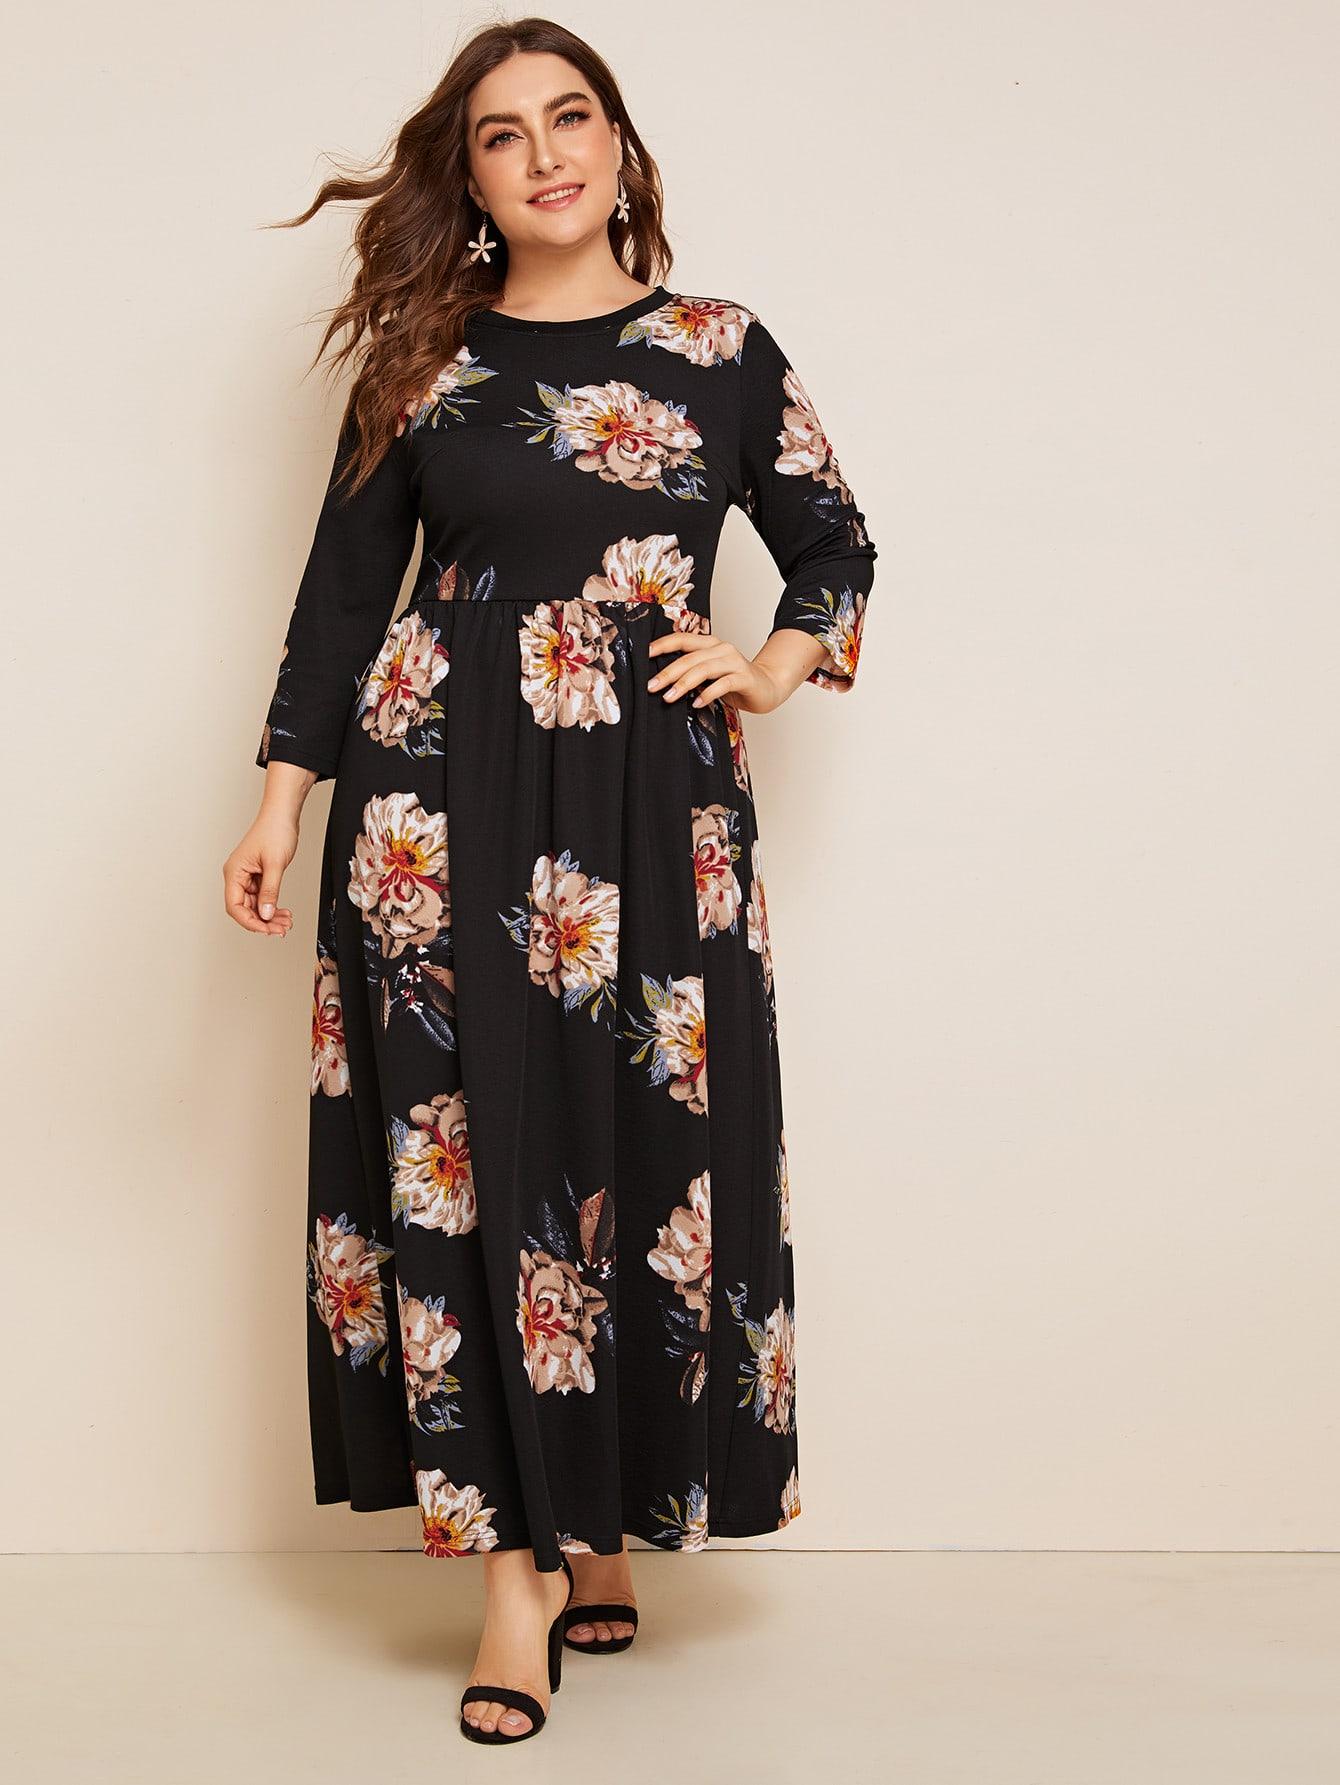 Приталенное расклешенное платье с цветочным принтом размера плюс